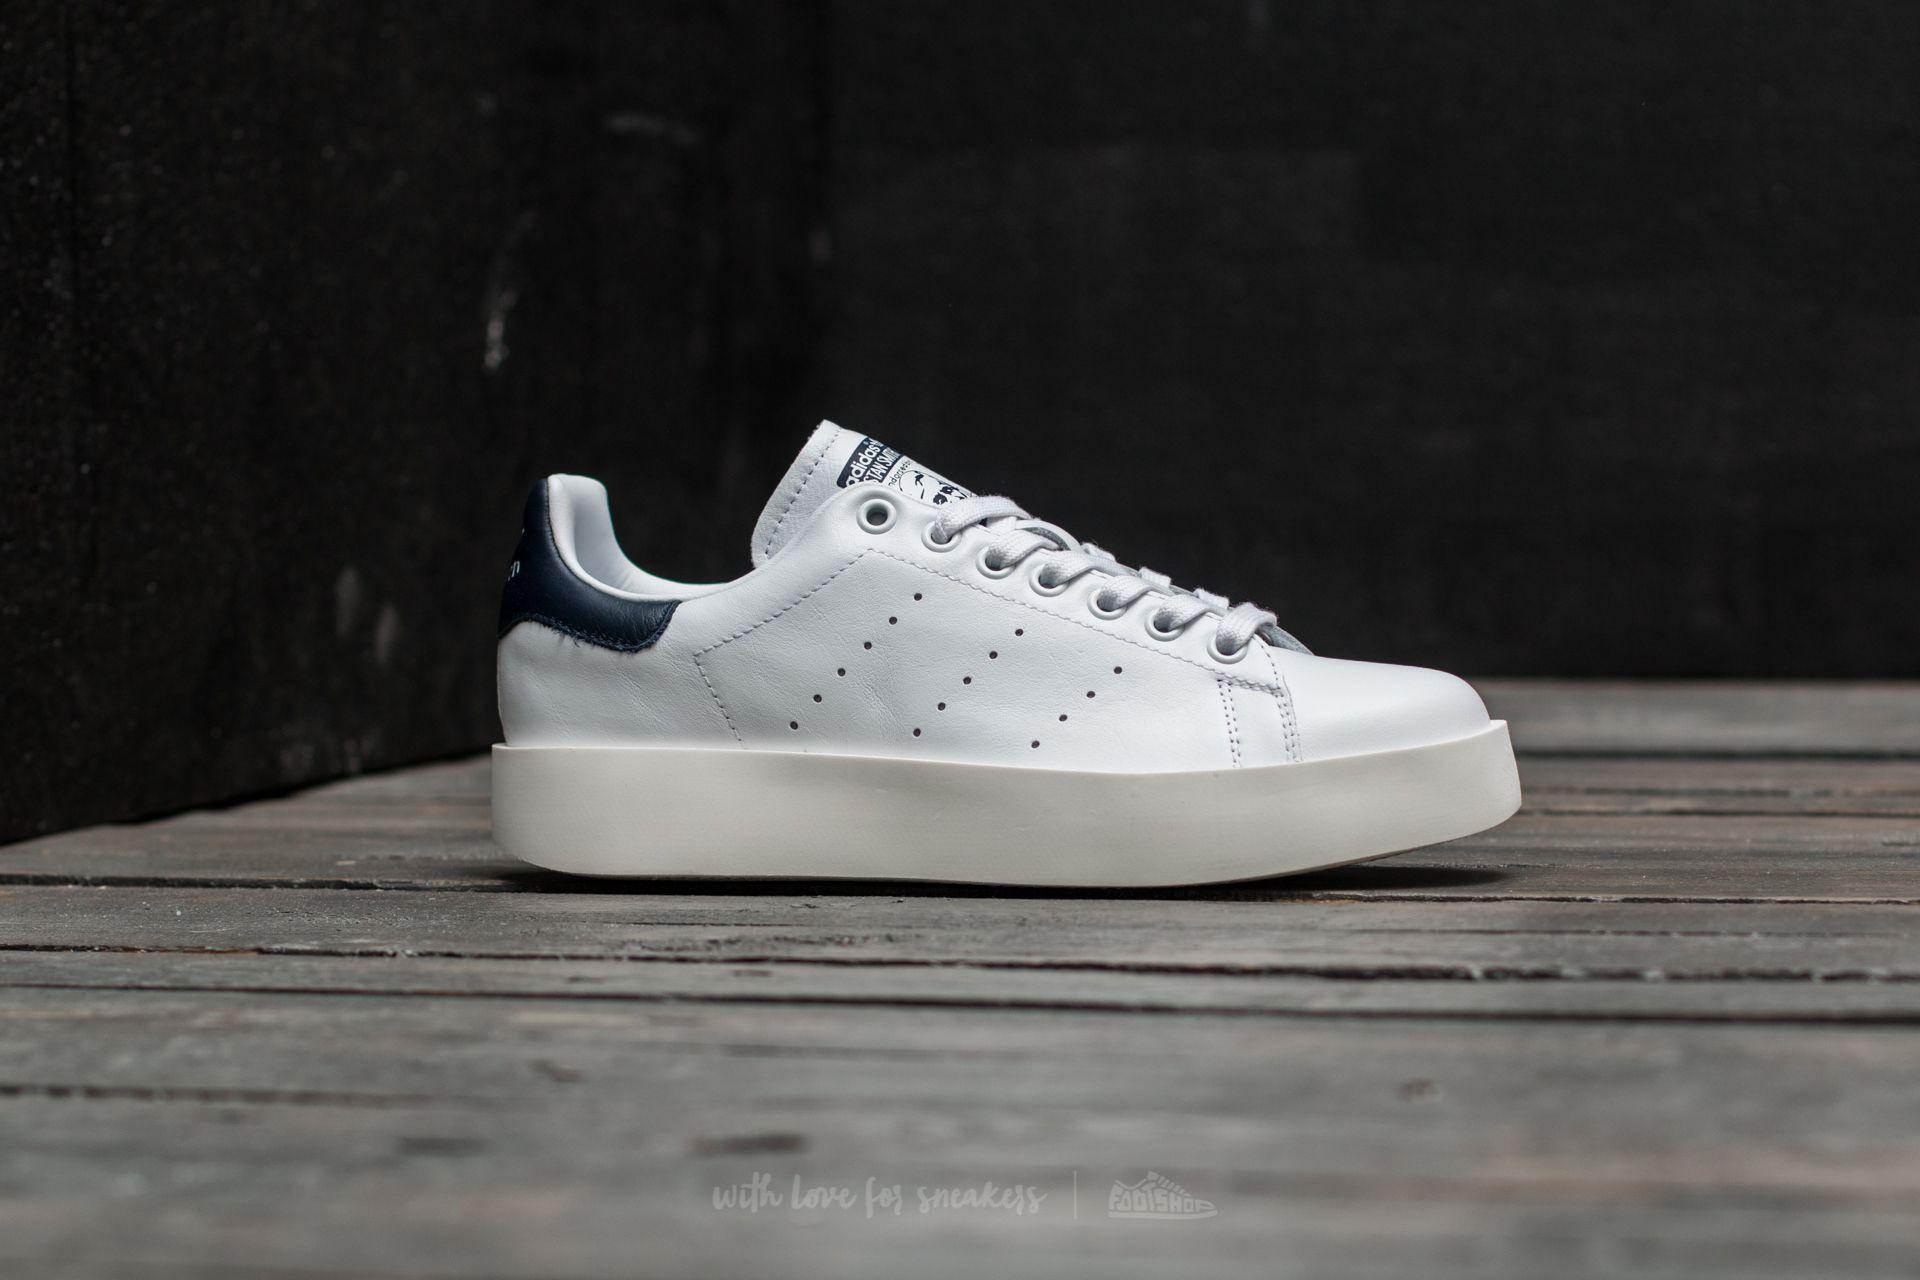 adidas Stan Smith Bold Ftw White/ Collegiate Navy/ Vintage White ...